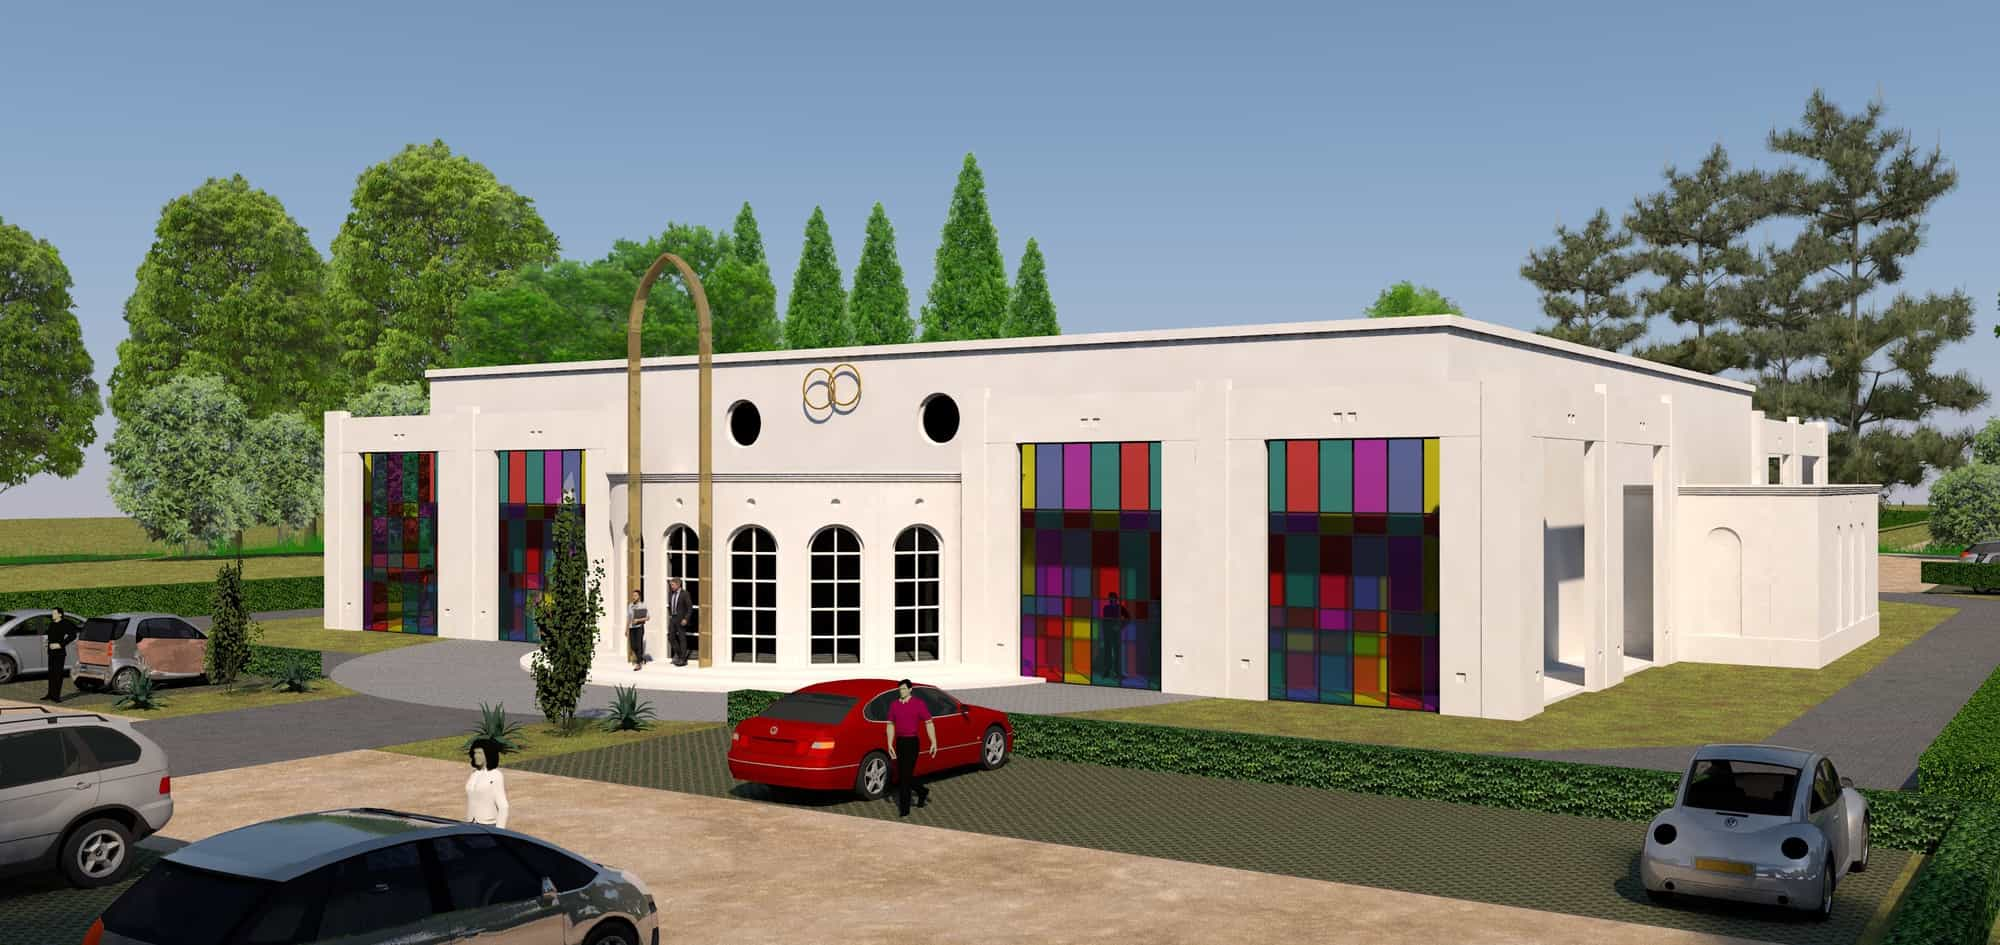 Detail afbeelding 5 van BEJAZ SARAY – ontmoetingscentrum   Ontwerp door architect Patrick Strackx